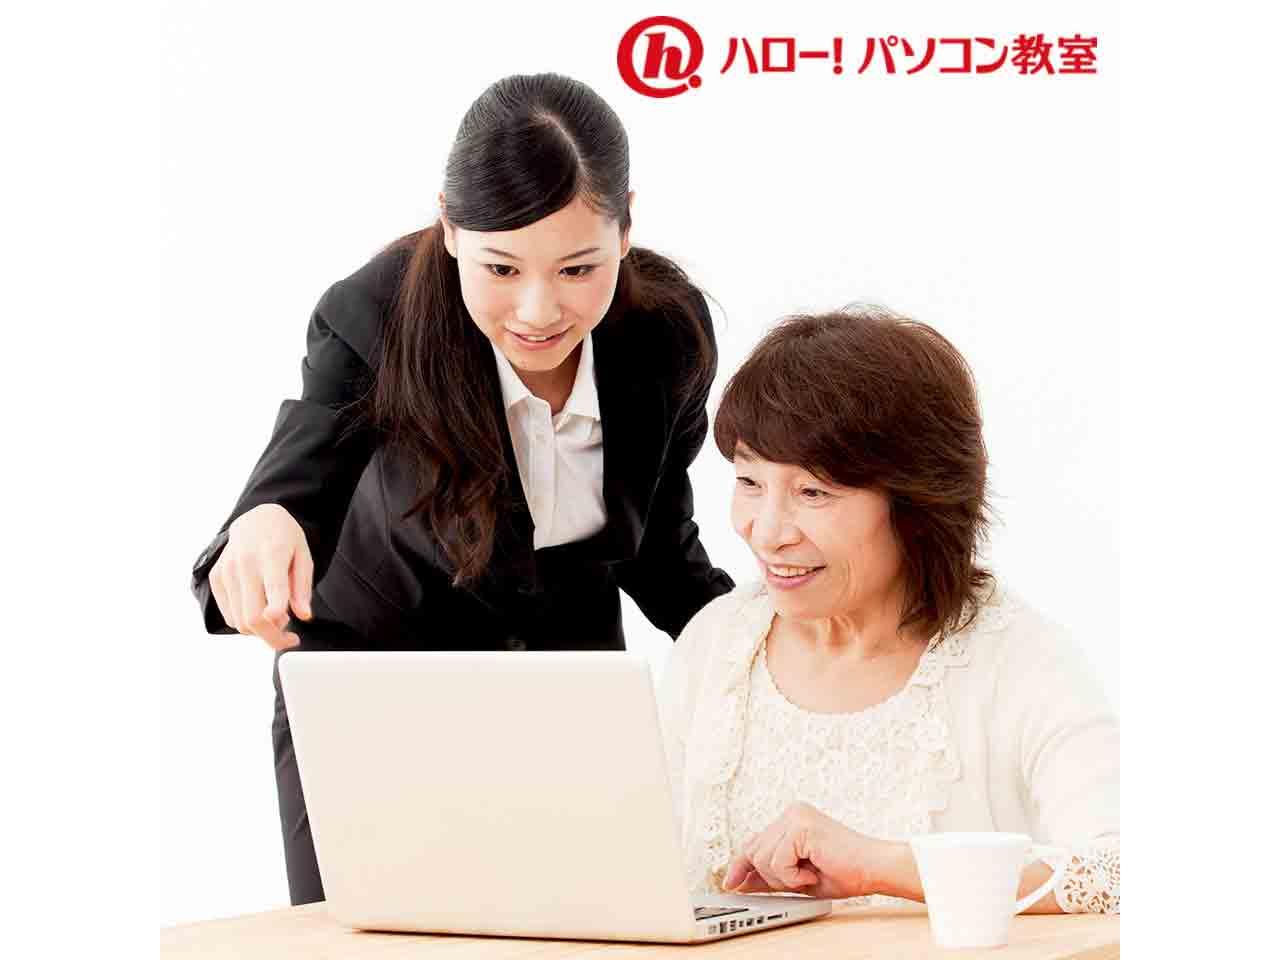 ハロー!パソコン教室 - イオンモール大和校